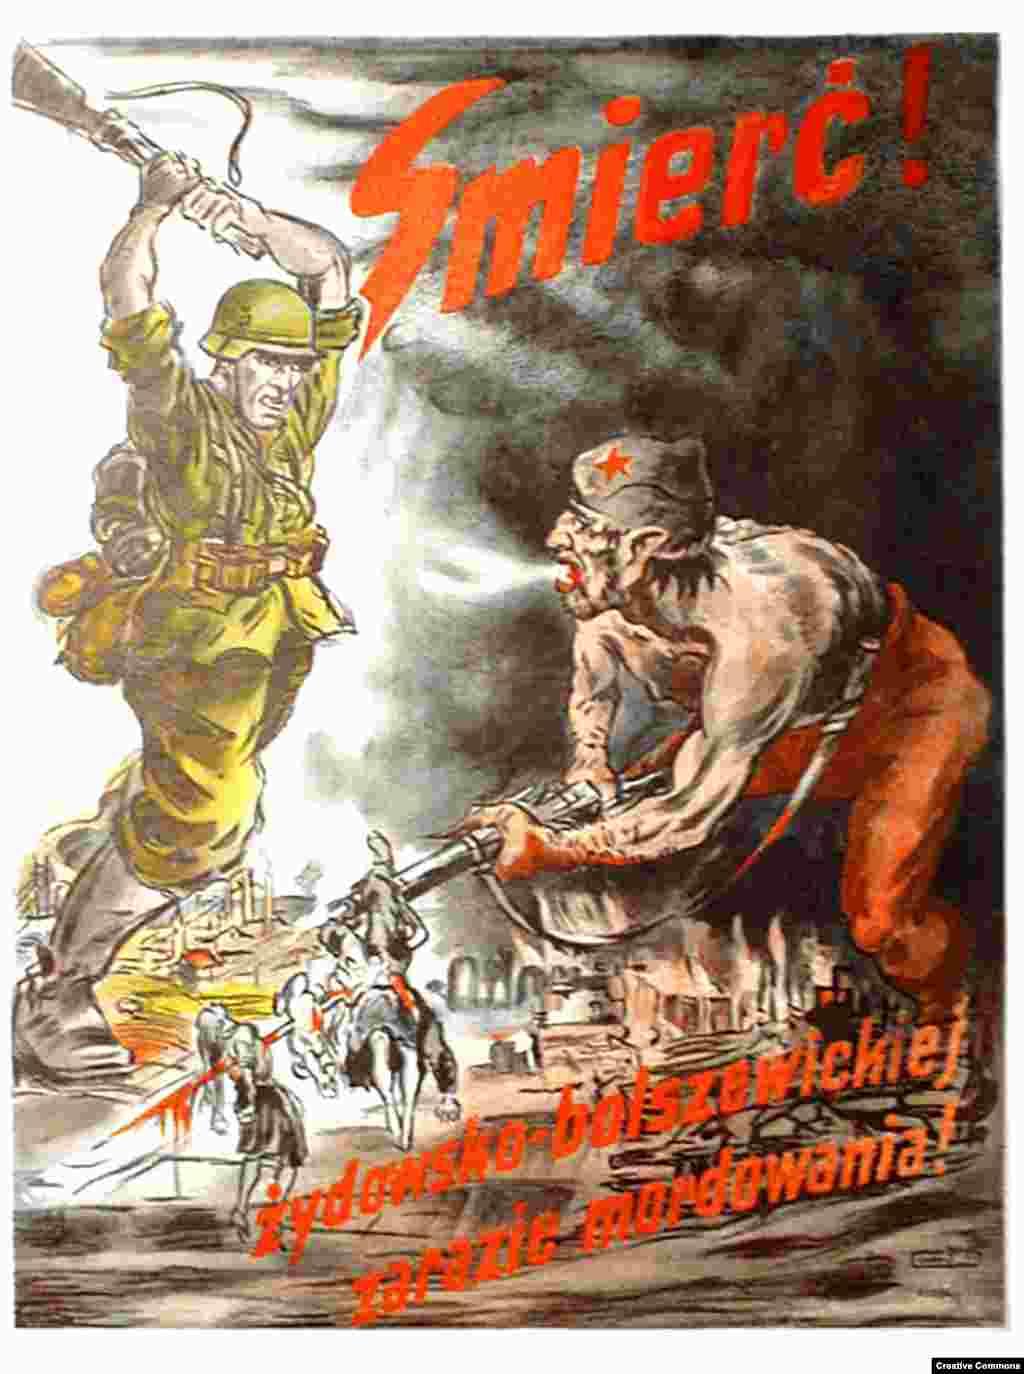 """Afiș propagandistic cu inscripția: """"moarte molimei iudeo-bolșevice"""". Ucrainenii au suferit nu doar de pe urma NKVD-ului stalinist, dar au fost exterminați și prin înfometare forțată - holodomor. Propaganda nazistă incita antisemitismul prezent în mișcările naționaliste ucrainene."""